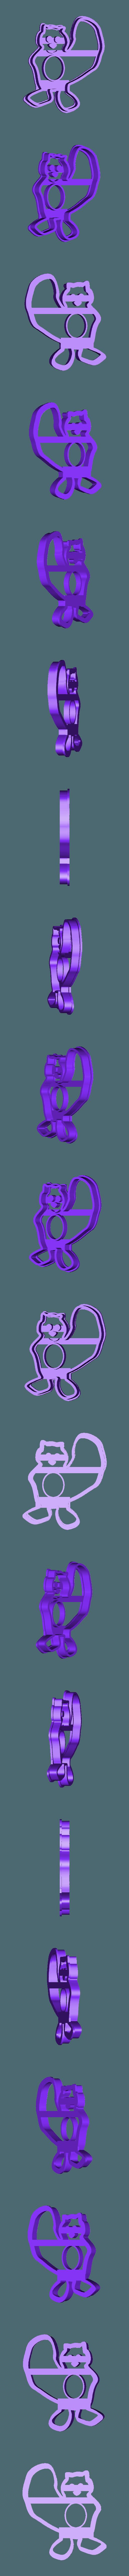 Biberkeks133.stl Télécharger fichier STL gratuit Castor coupeur de biscuits • Objet imprimable en 3D, plokr